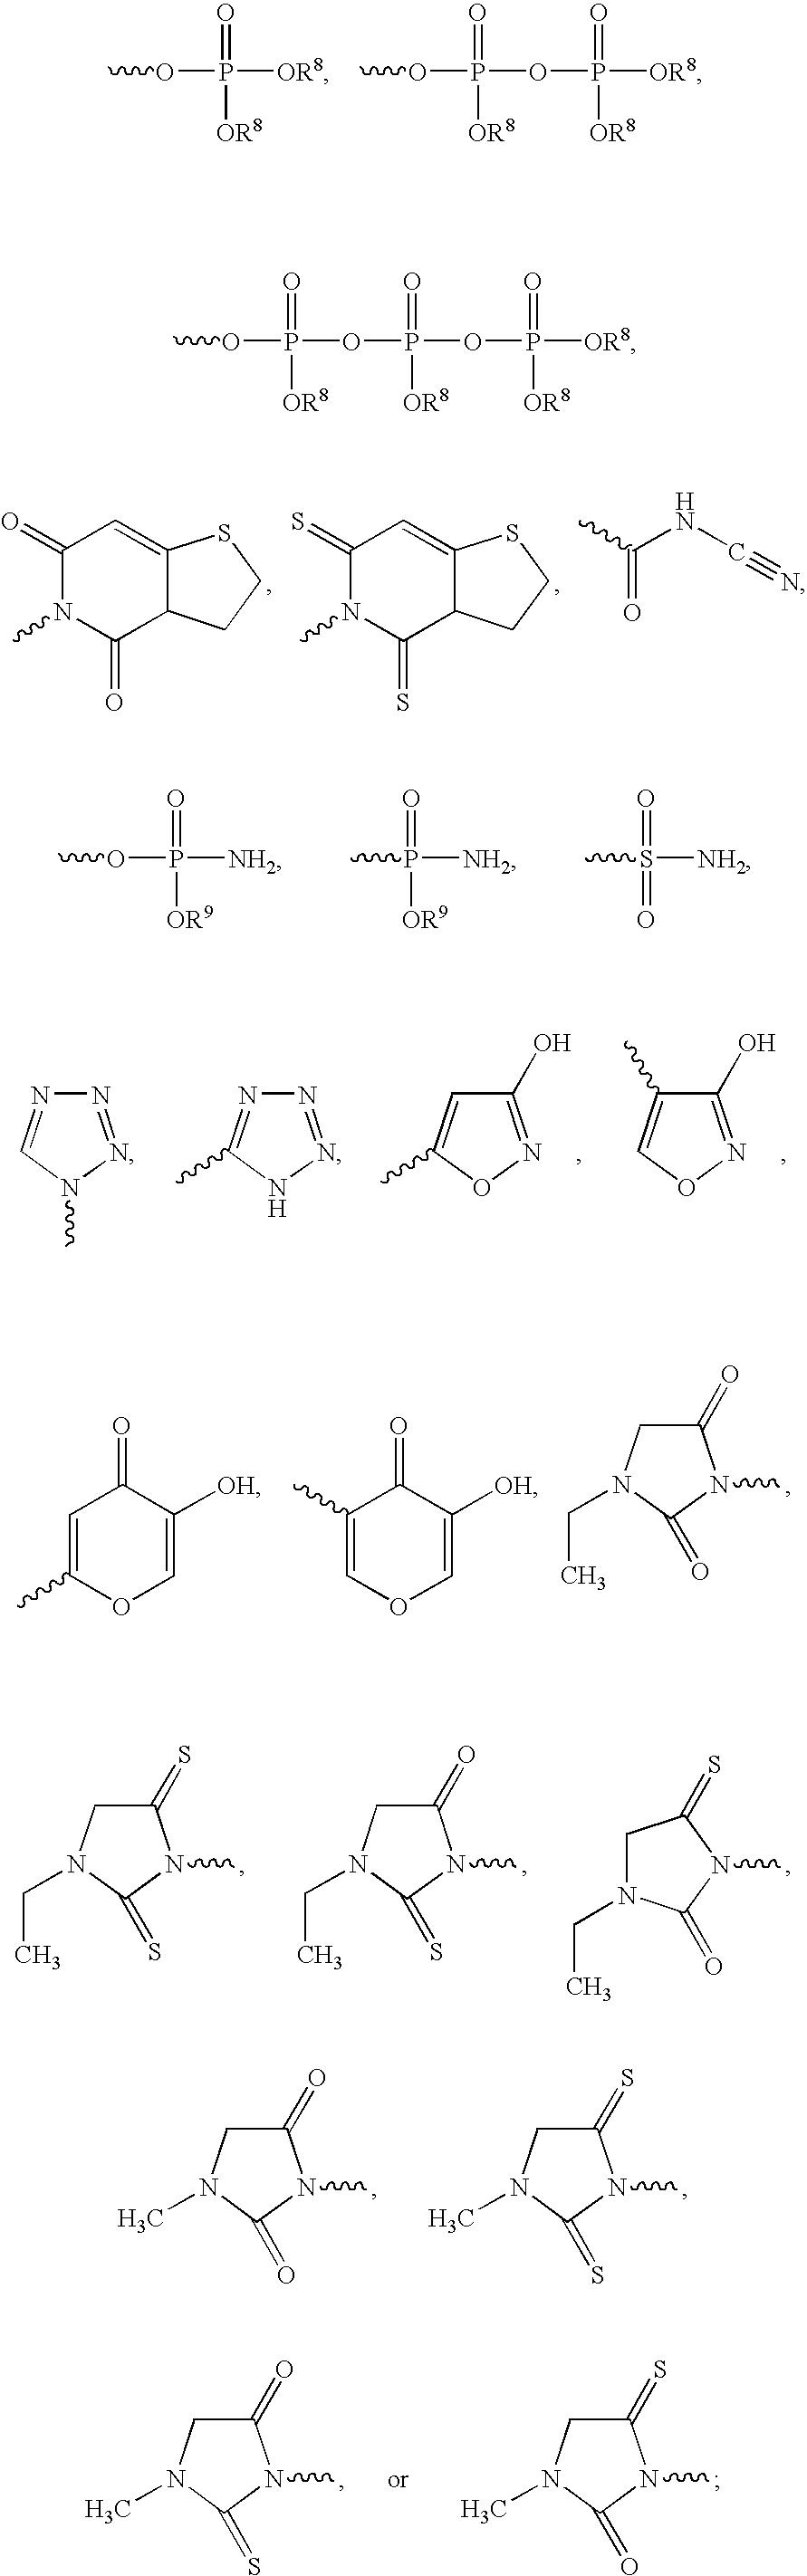 Figure US20040192771A1-20040930-C00016